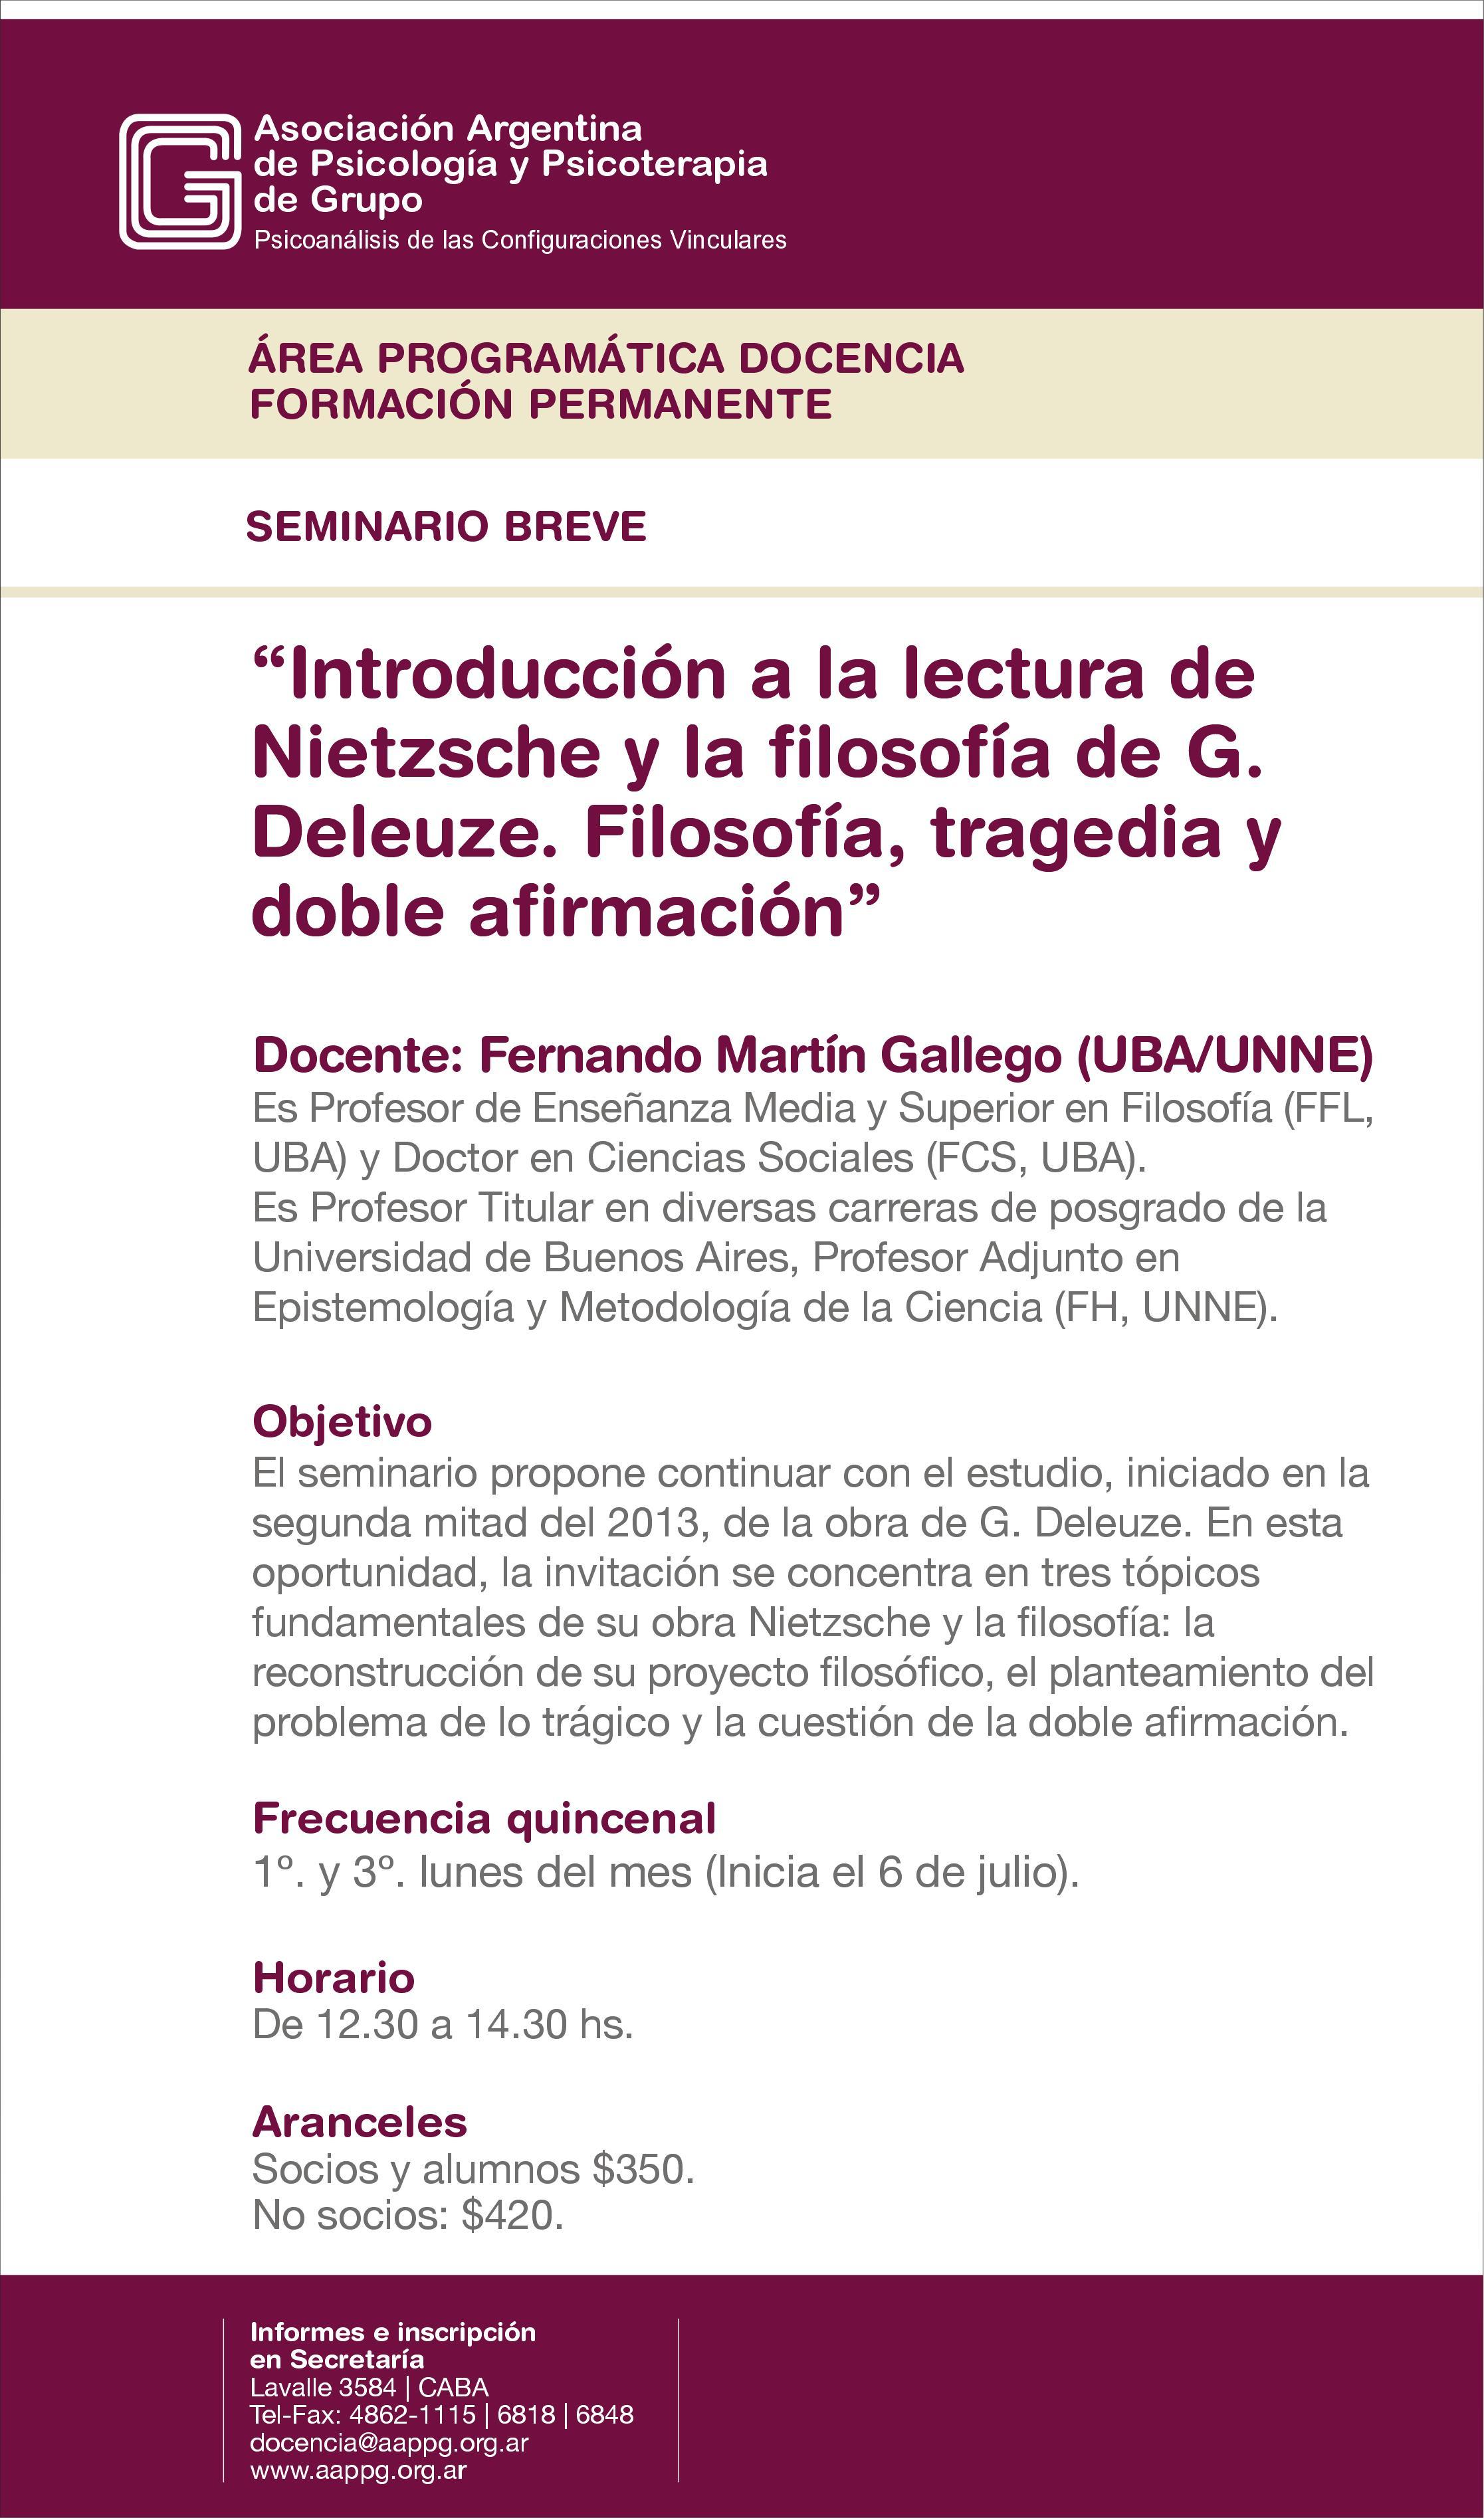 AAPPG » Asociación Argentina de Psicología y Psicoterapia de Grupo ...